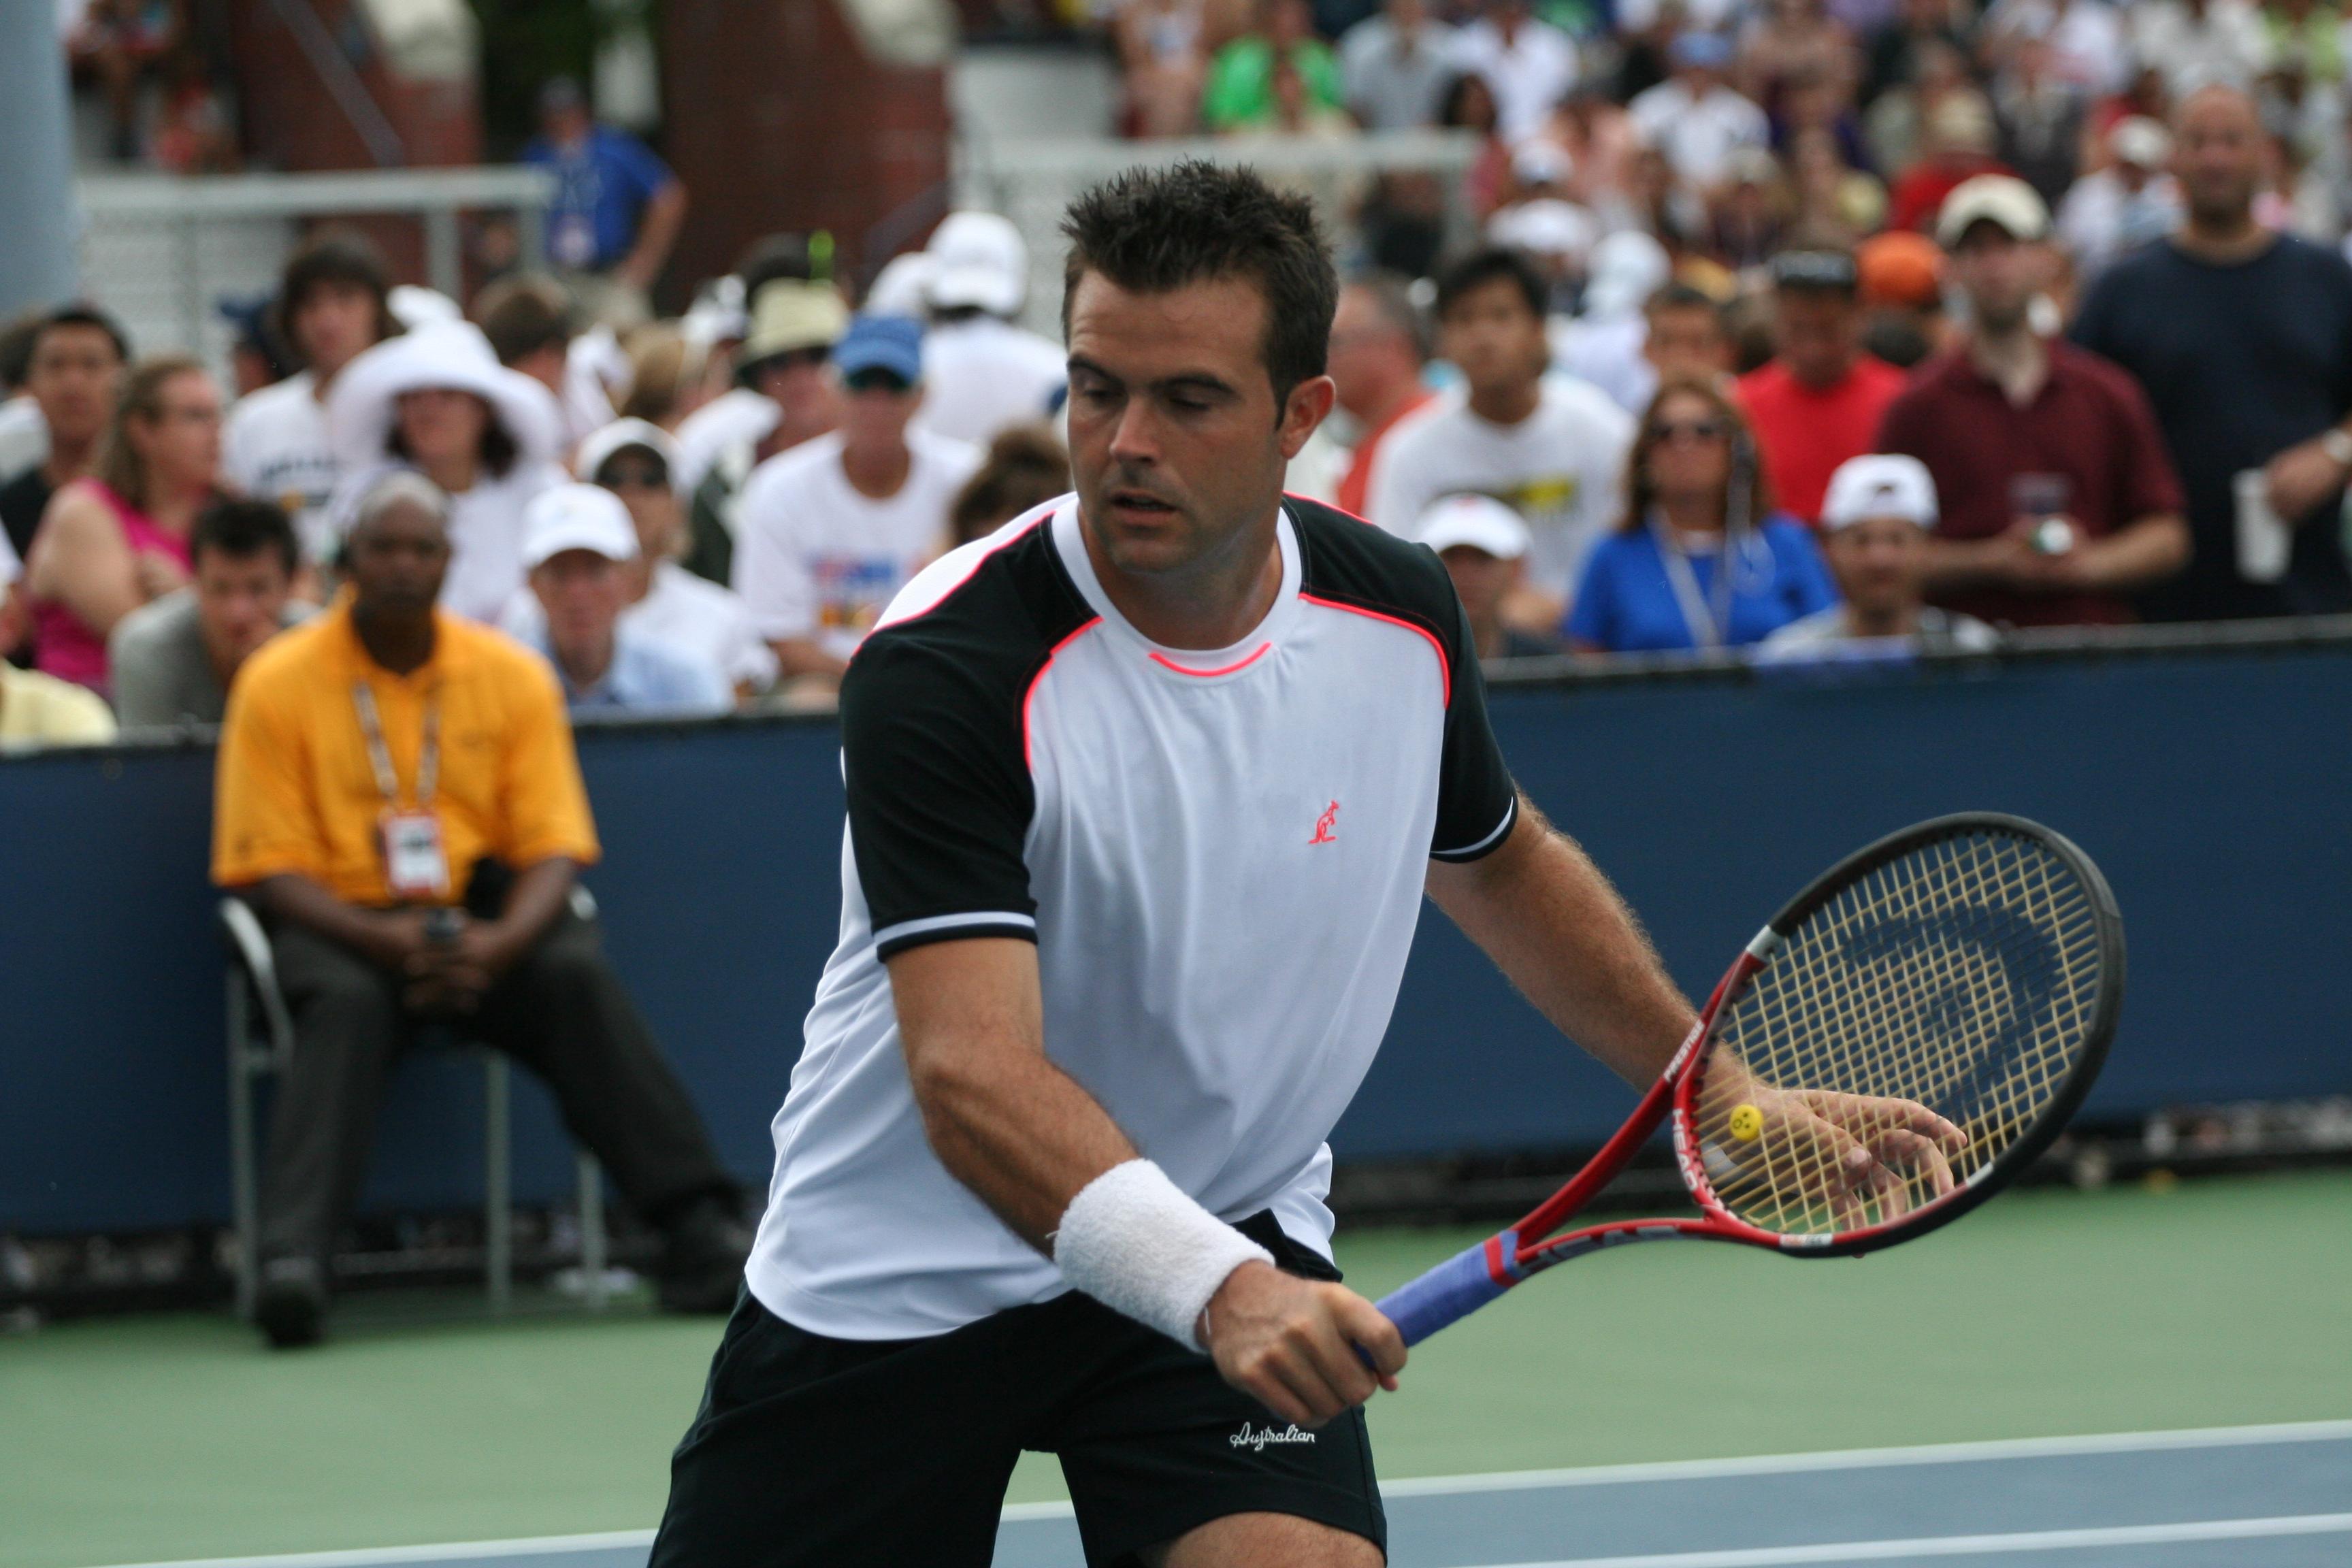 Теннис. Турнир ATP. Бухарест. Ставки на теннис на 20 Апреля 2016. Грунт